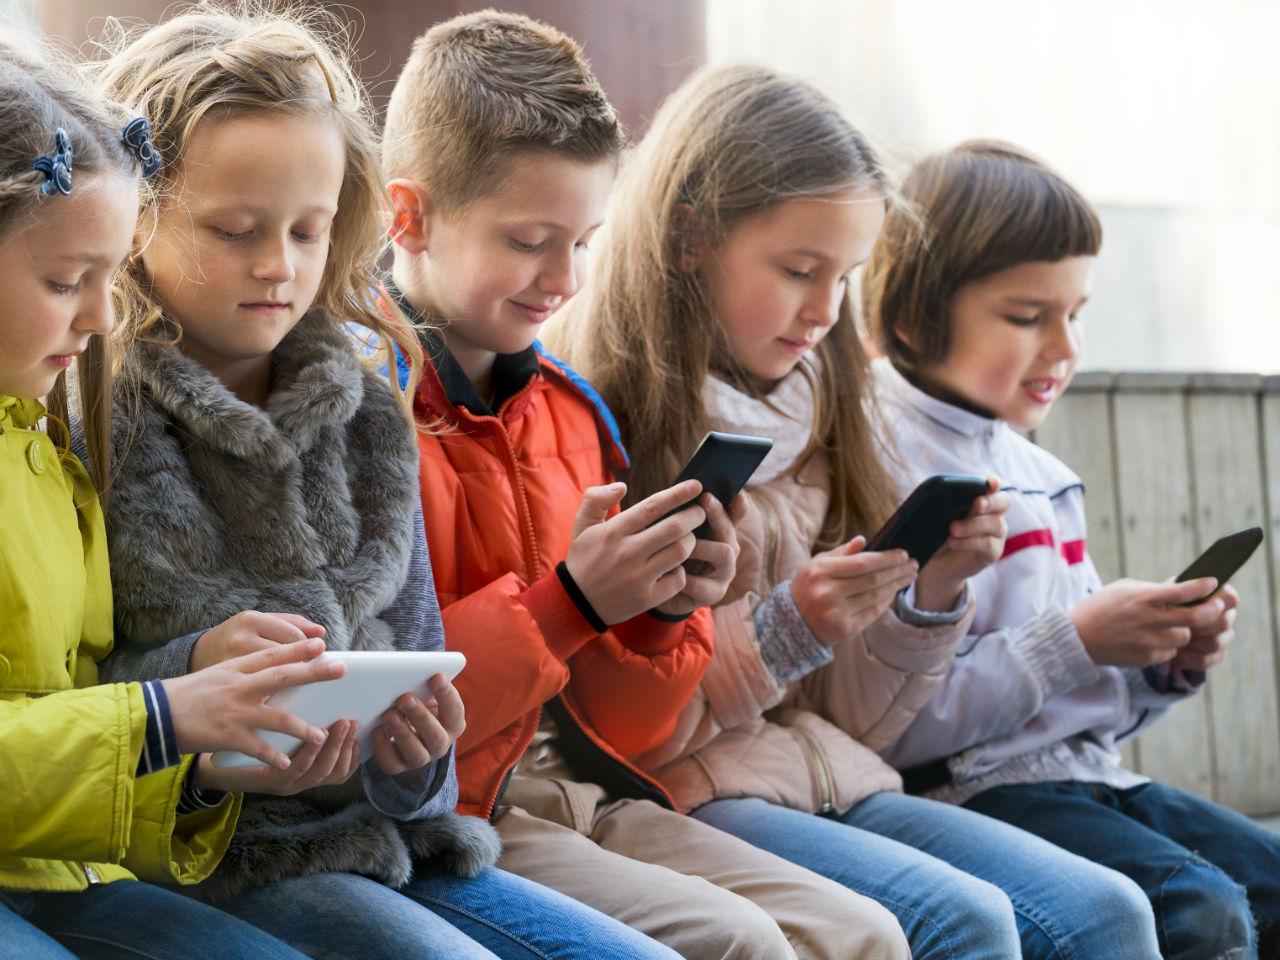 RG аз жаргалтай хүүхэд, хүүхдийг утаснаас хол байлгах